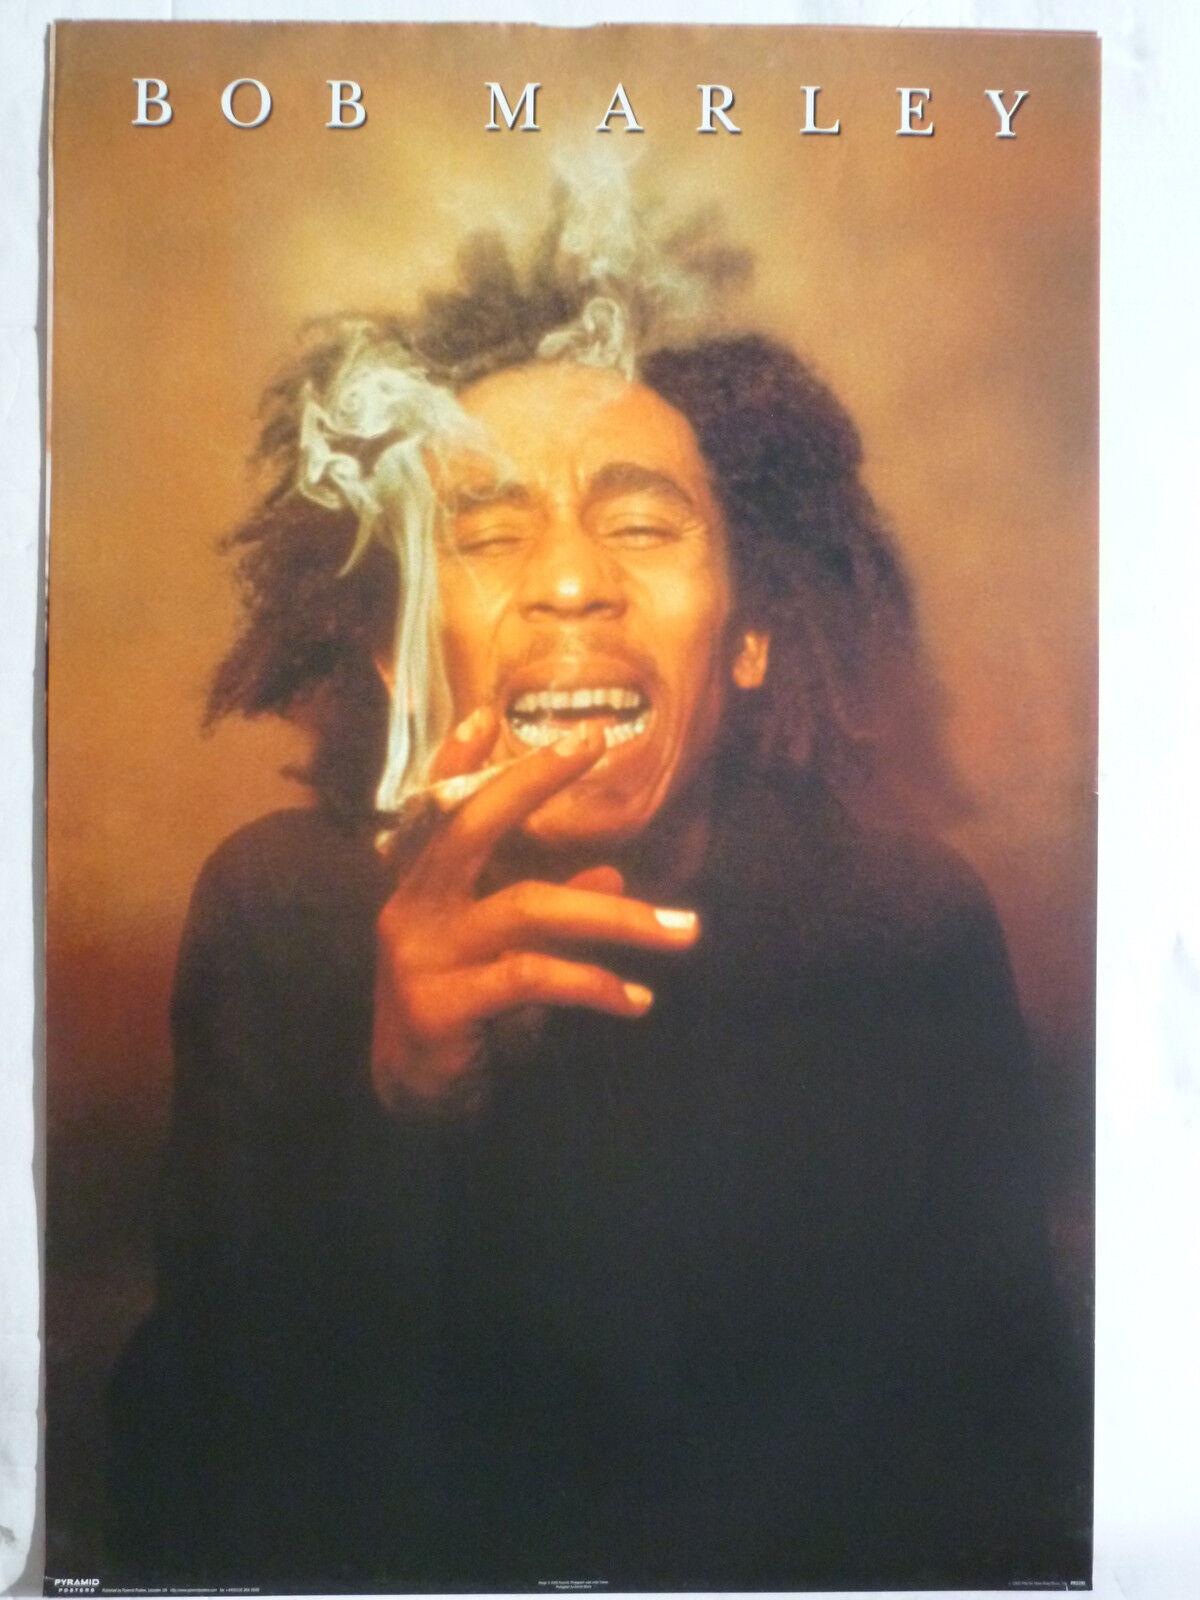 bob marley smoking a blunt u k commercial poster reggae music ebay. Black Bedroom Furniture Sets. Home Design Ideas